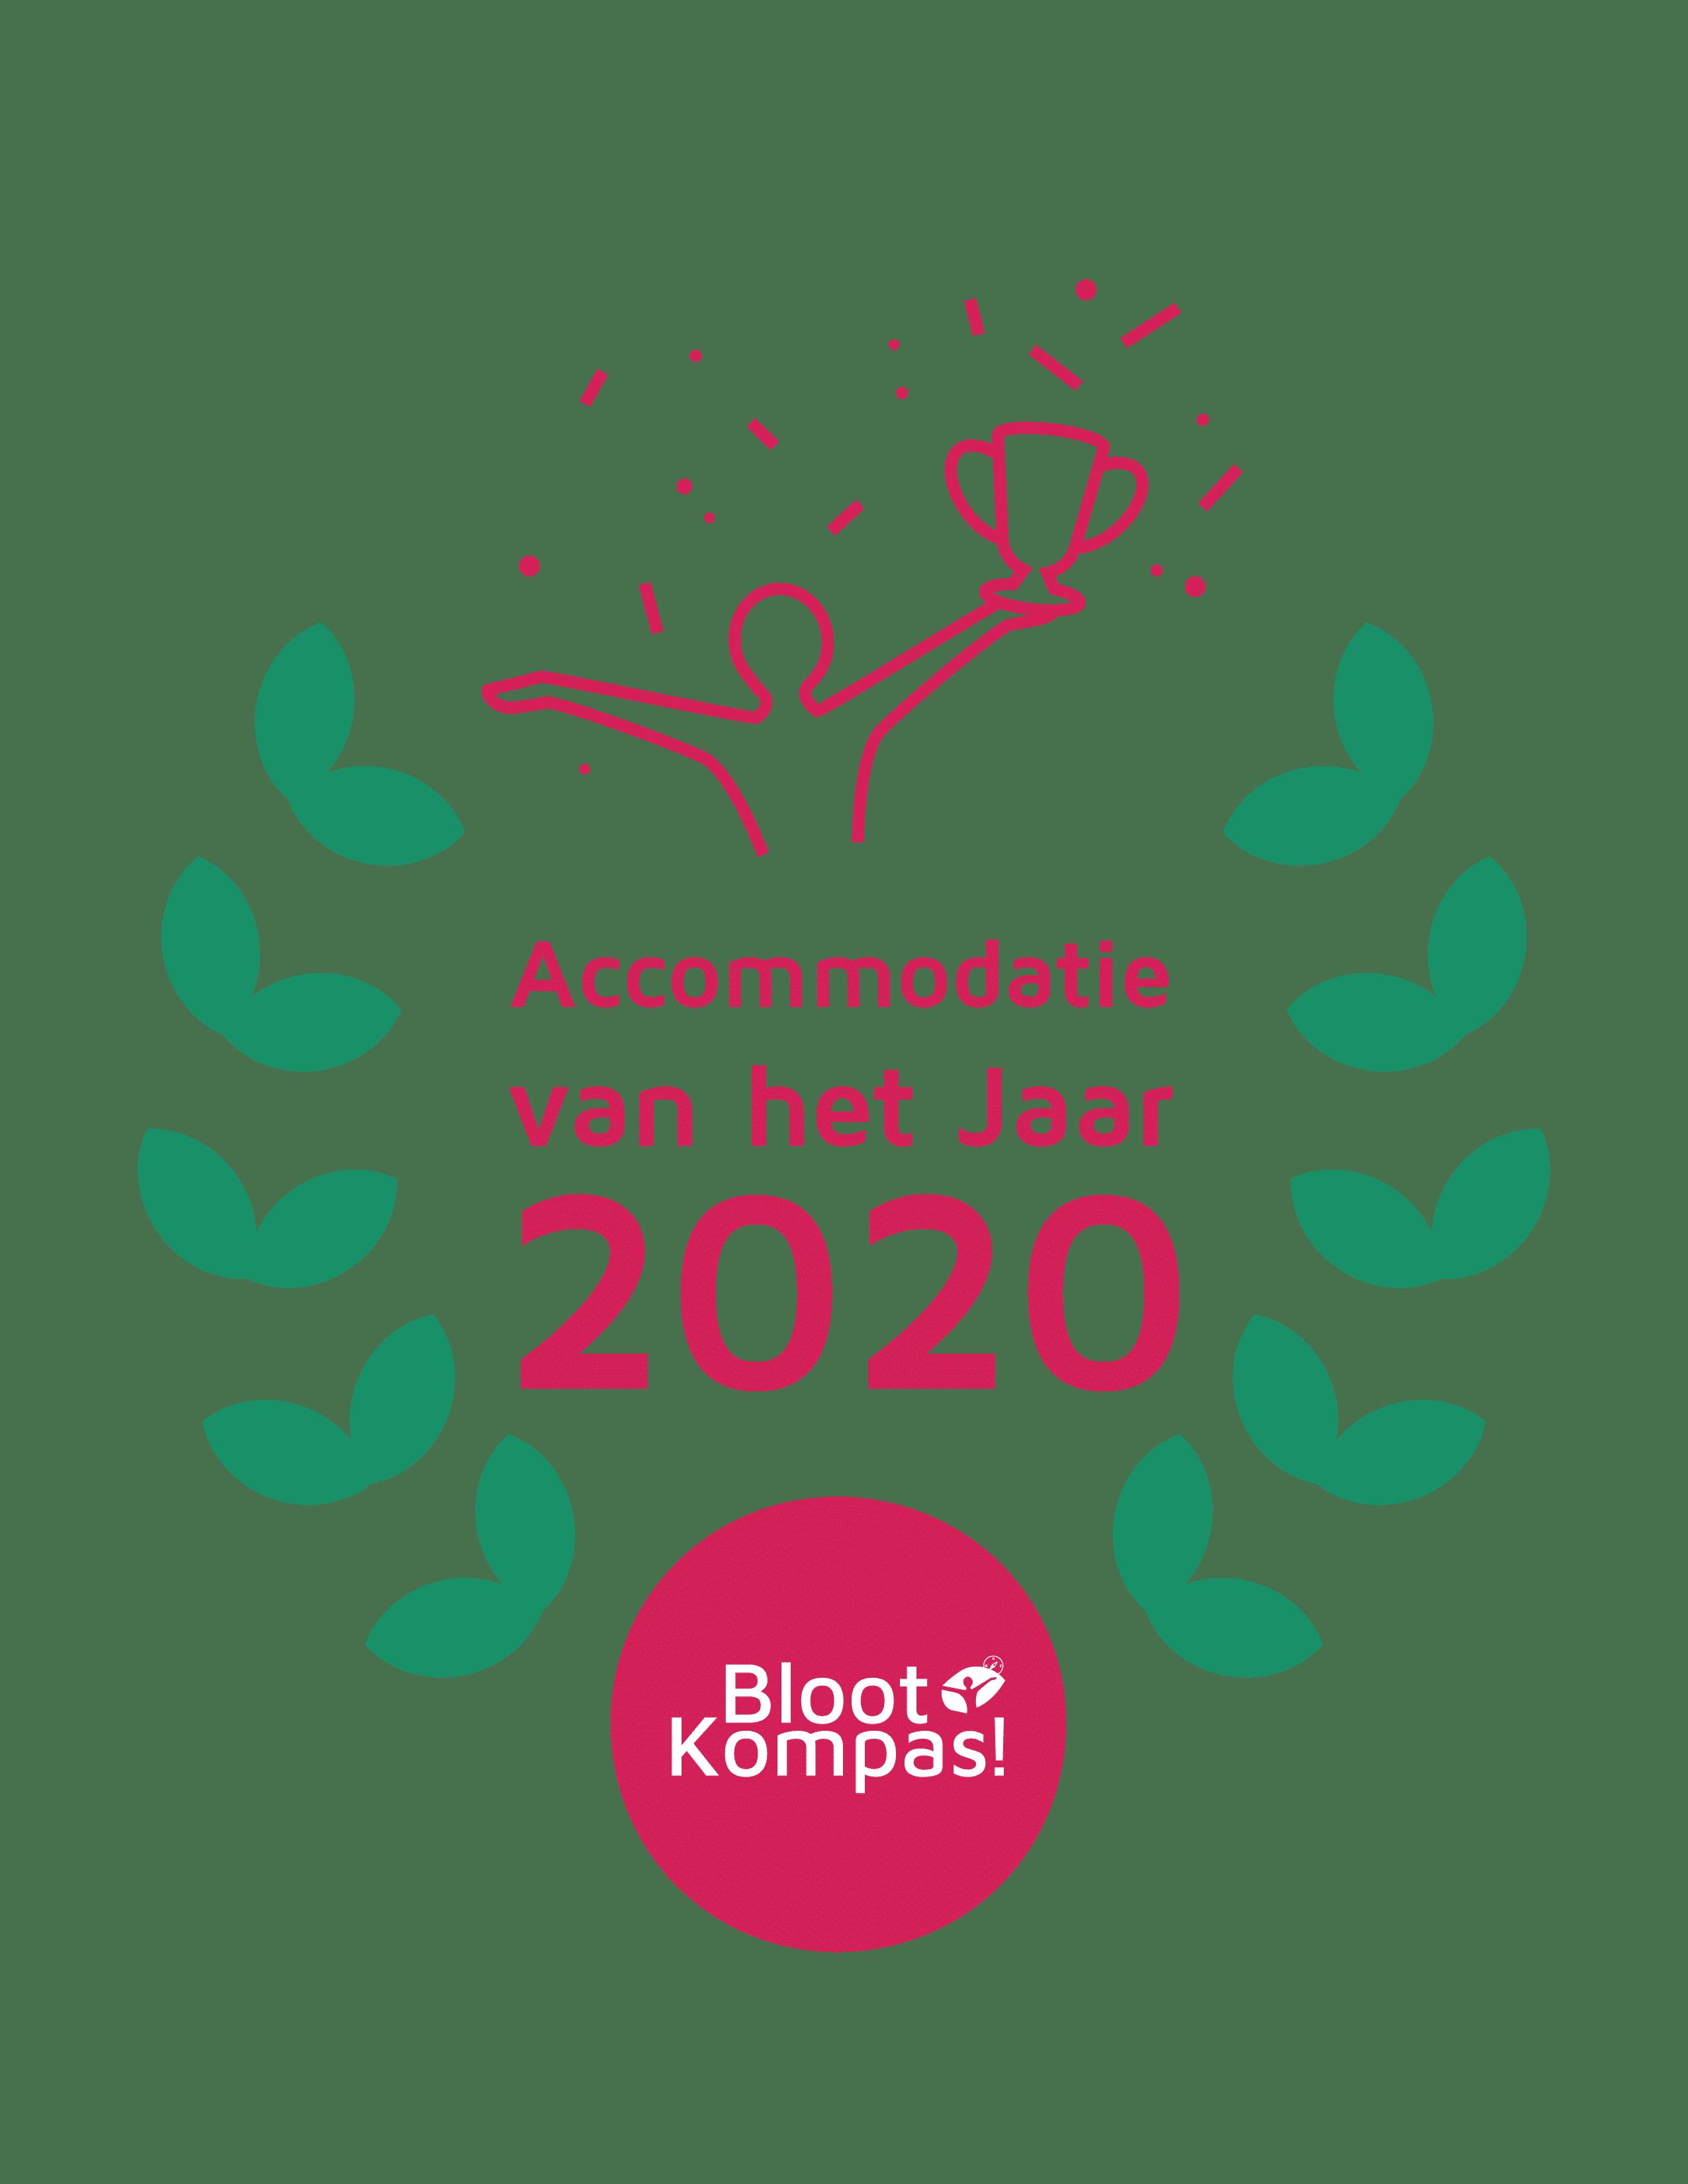 BlootKompas! Awards 2020 - Accommodatie van het Jaar